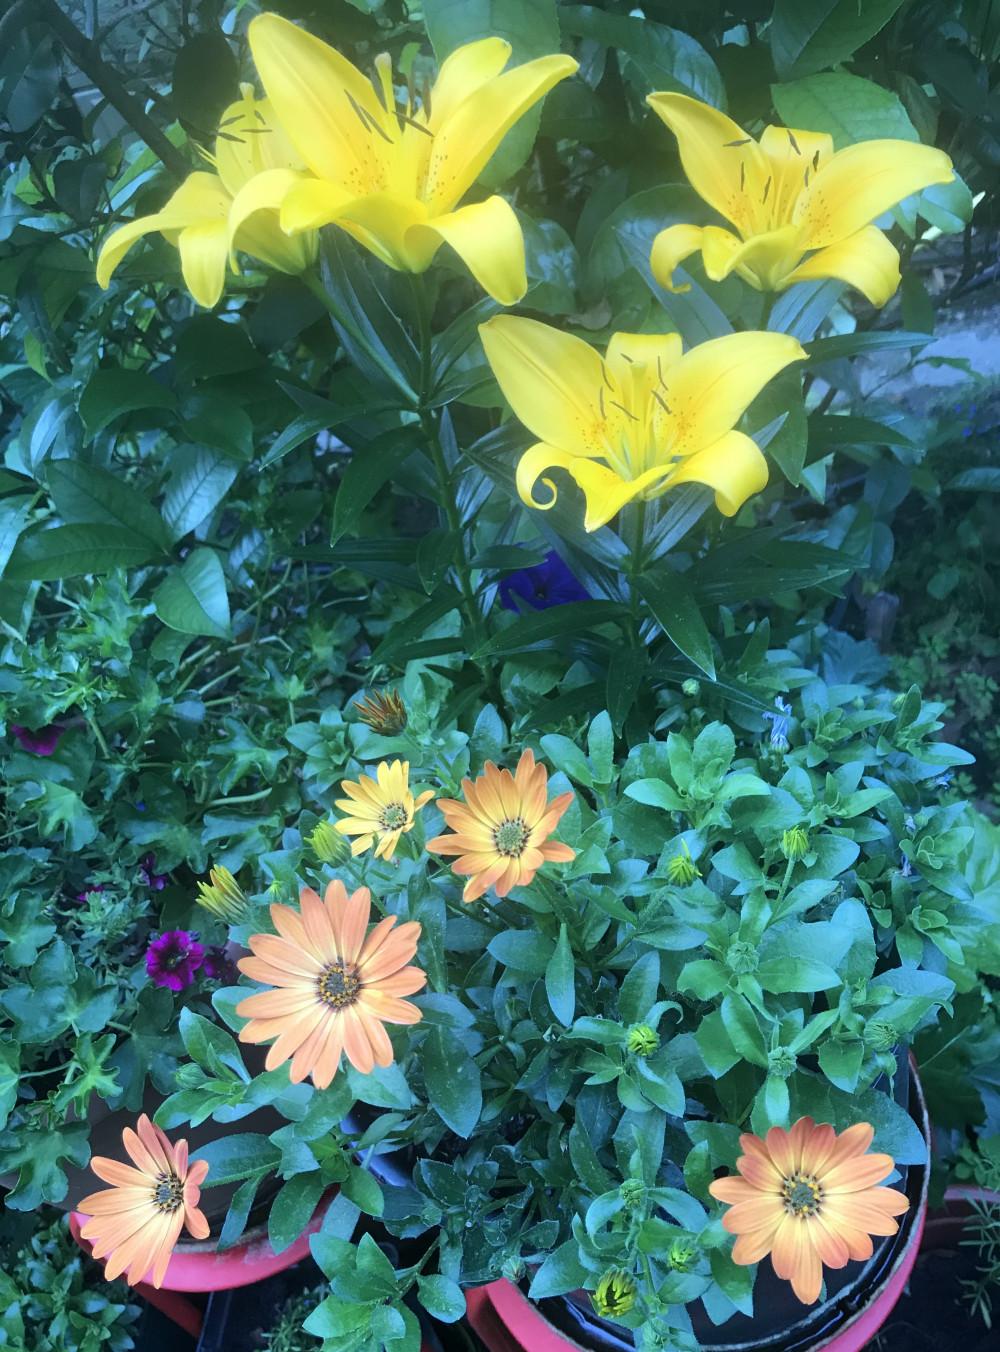 新花,祝大家周末快乐、端午快乐:)